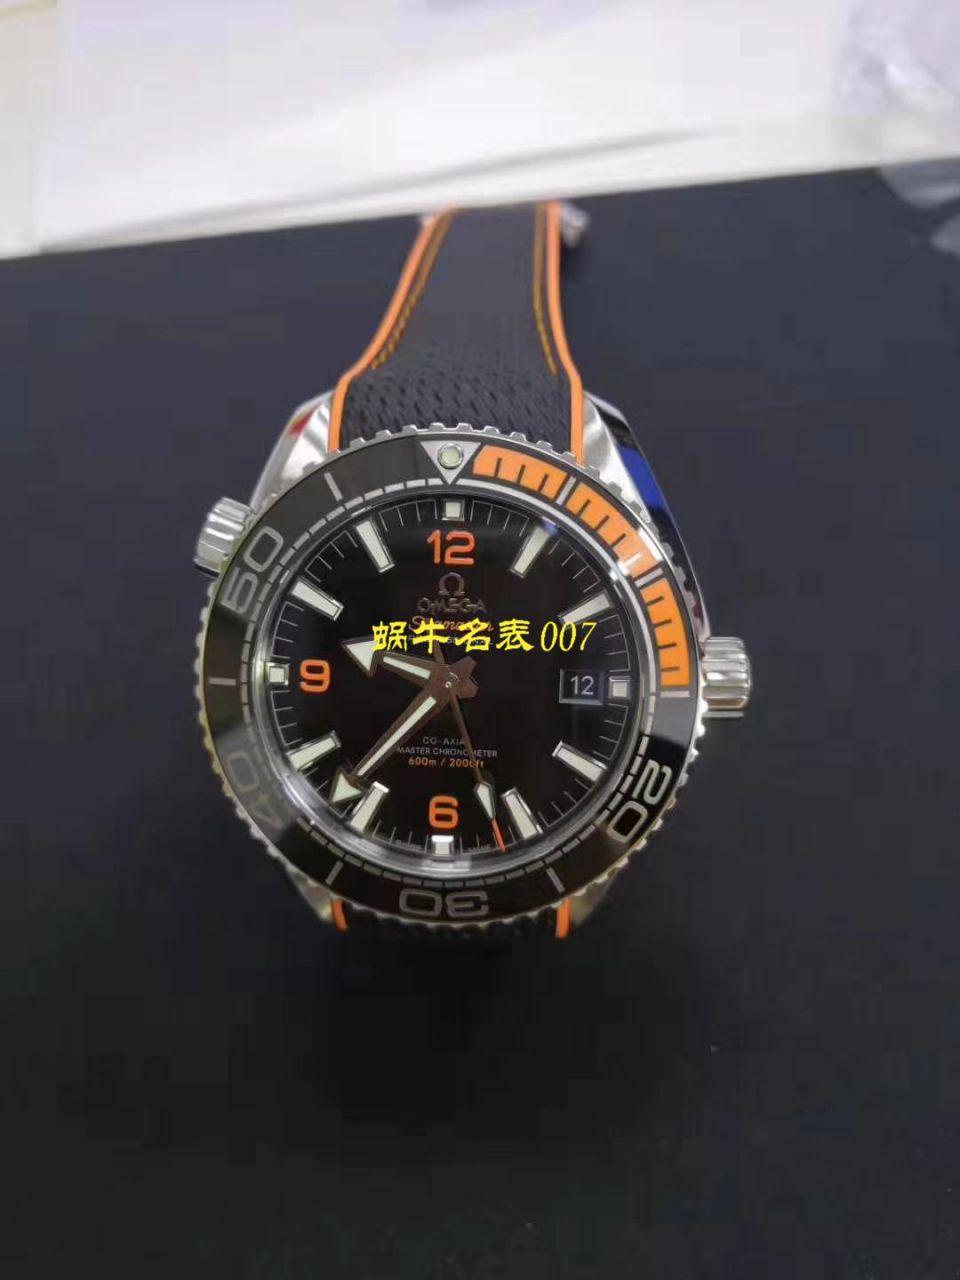 【视频评测VS厂OMEGA海洋宇宙600四分之一橙】欧米茄海洋宇宙600米215.30.44.21.01.002腕表 / M631